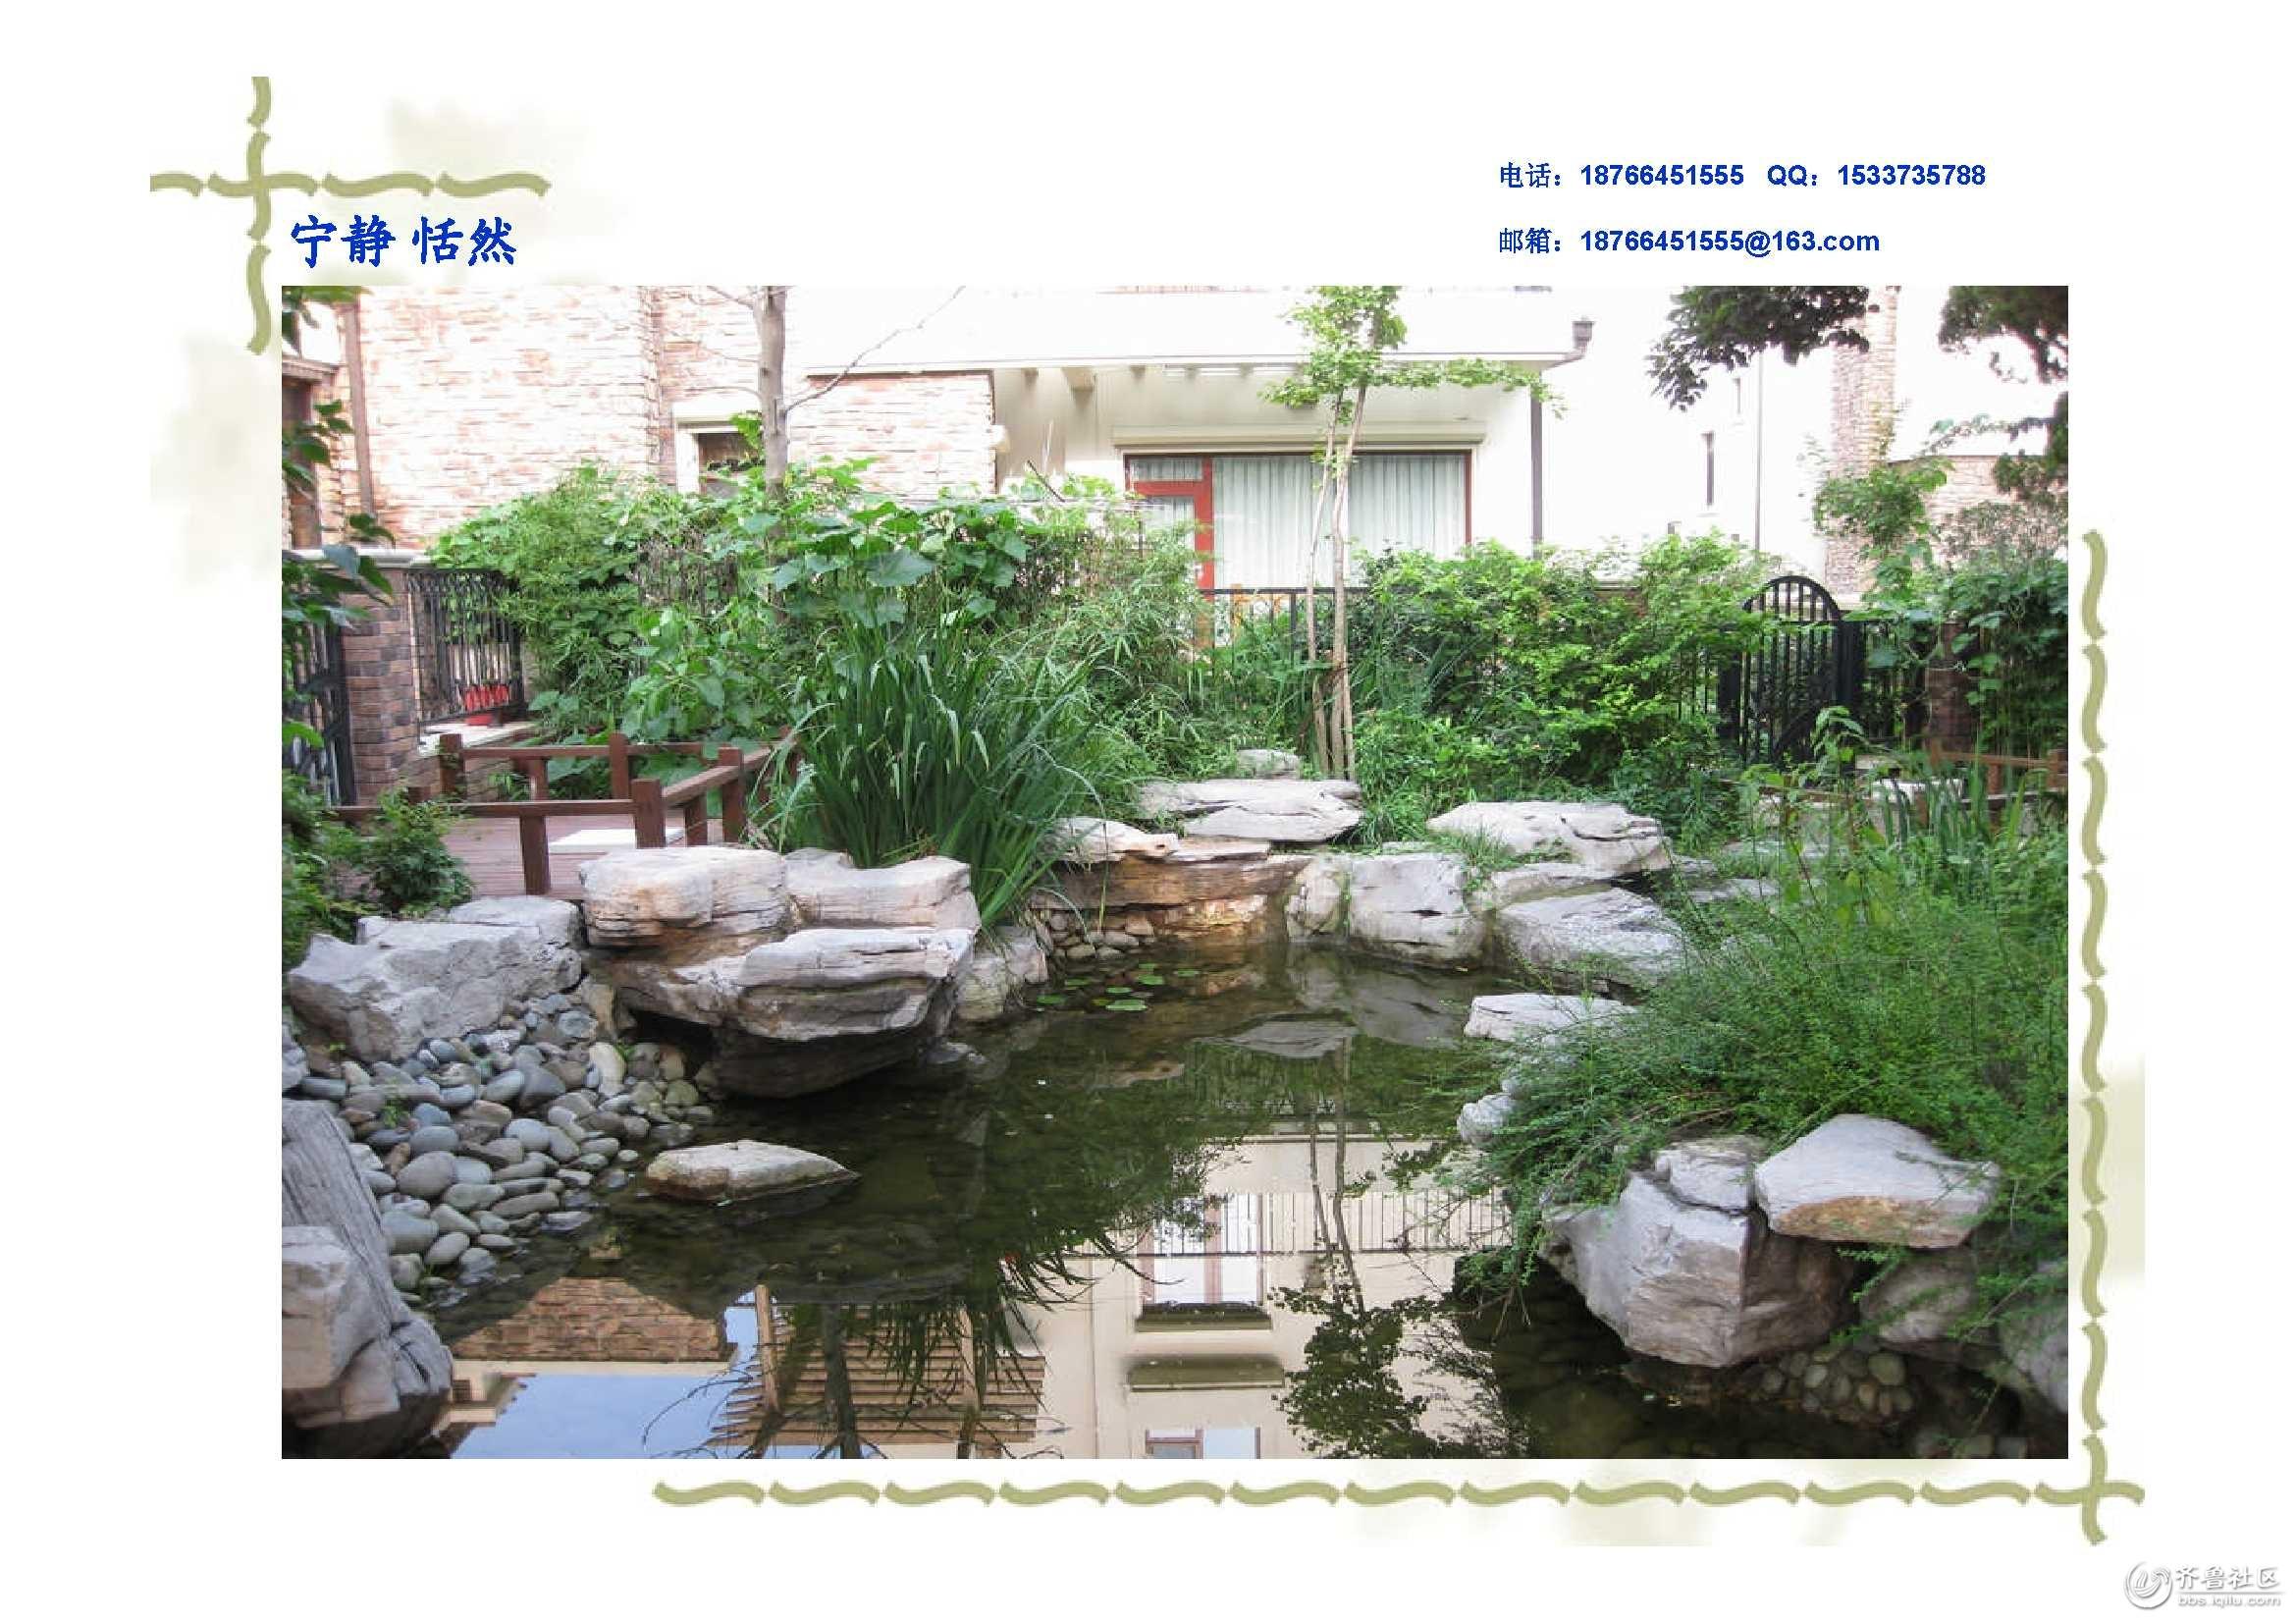 私家园林 景观雕塑